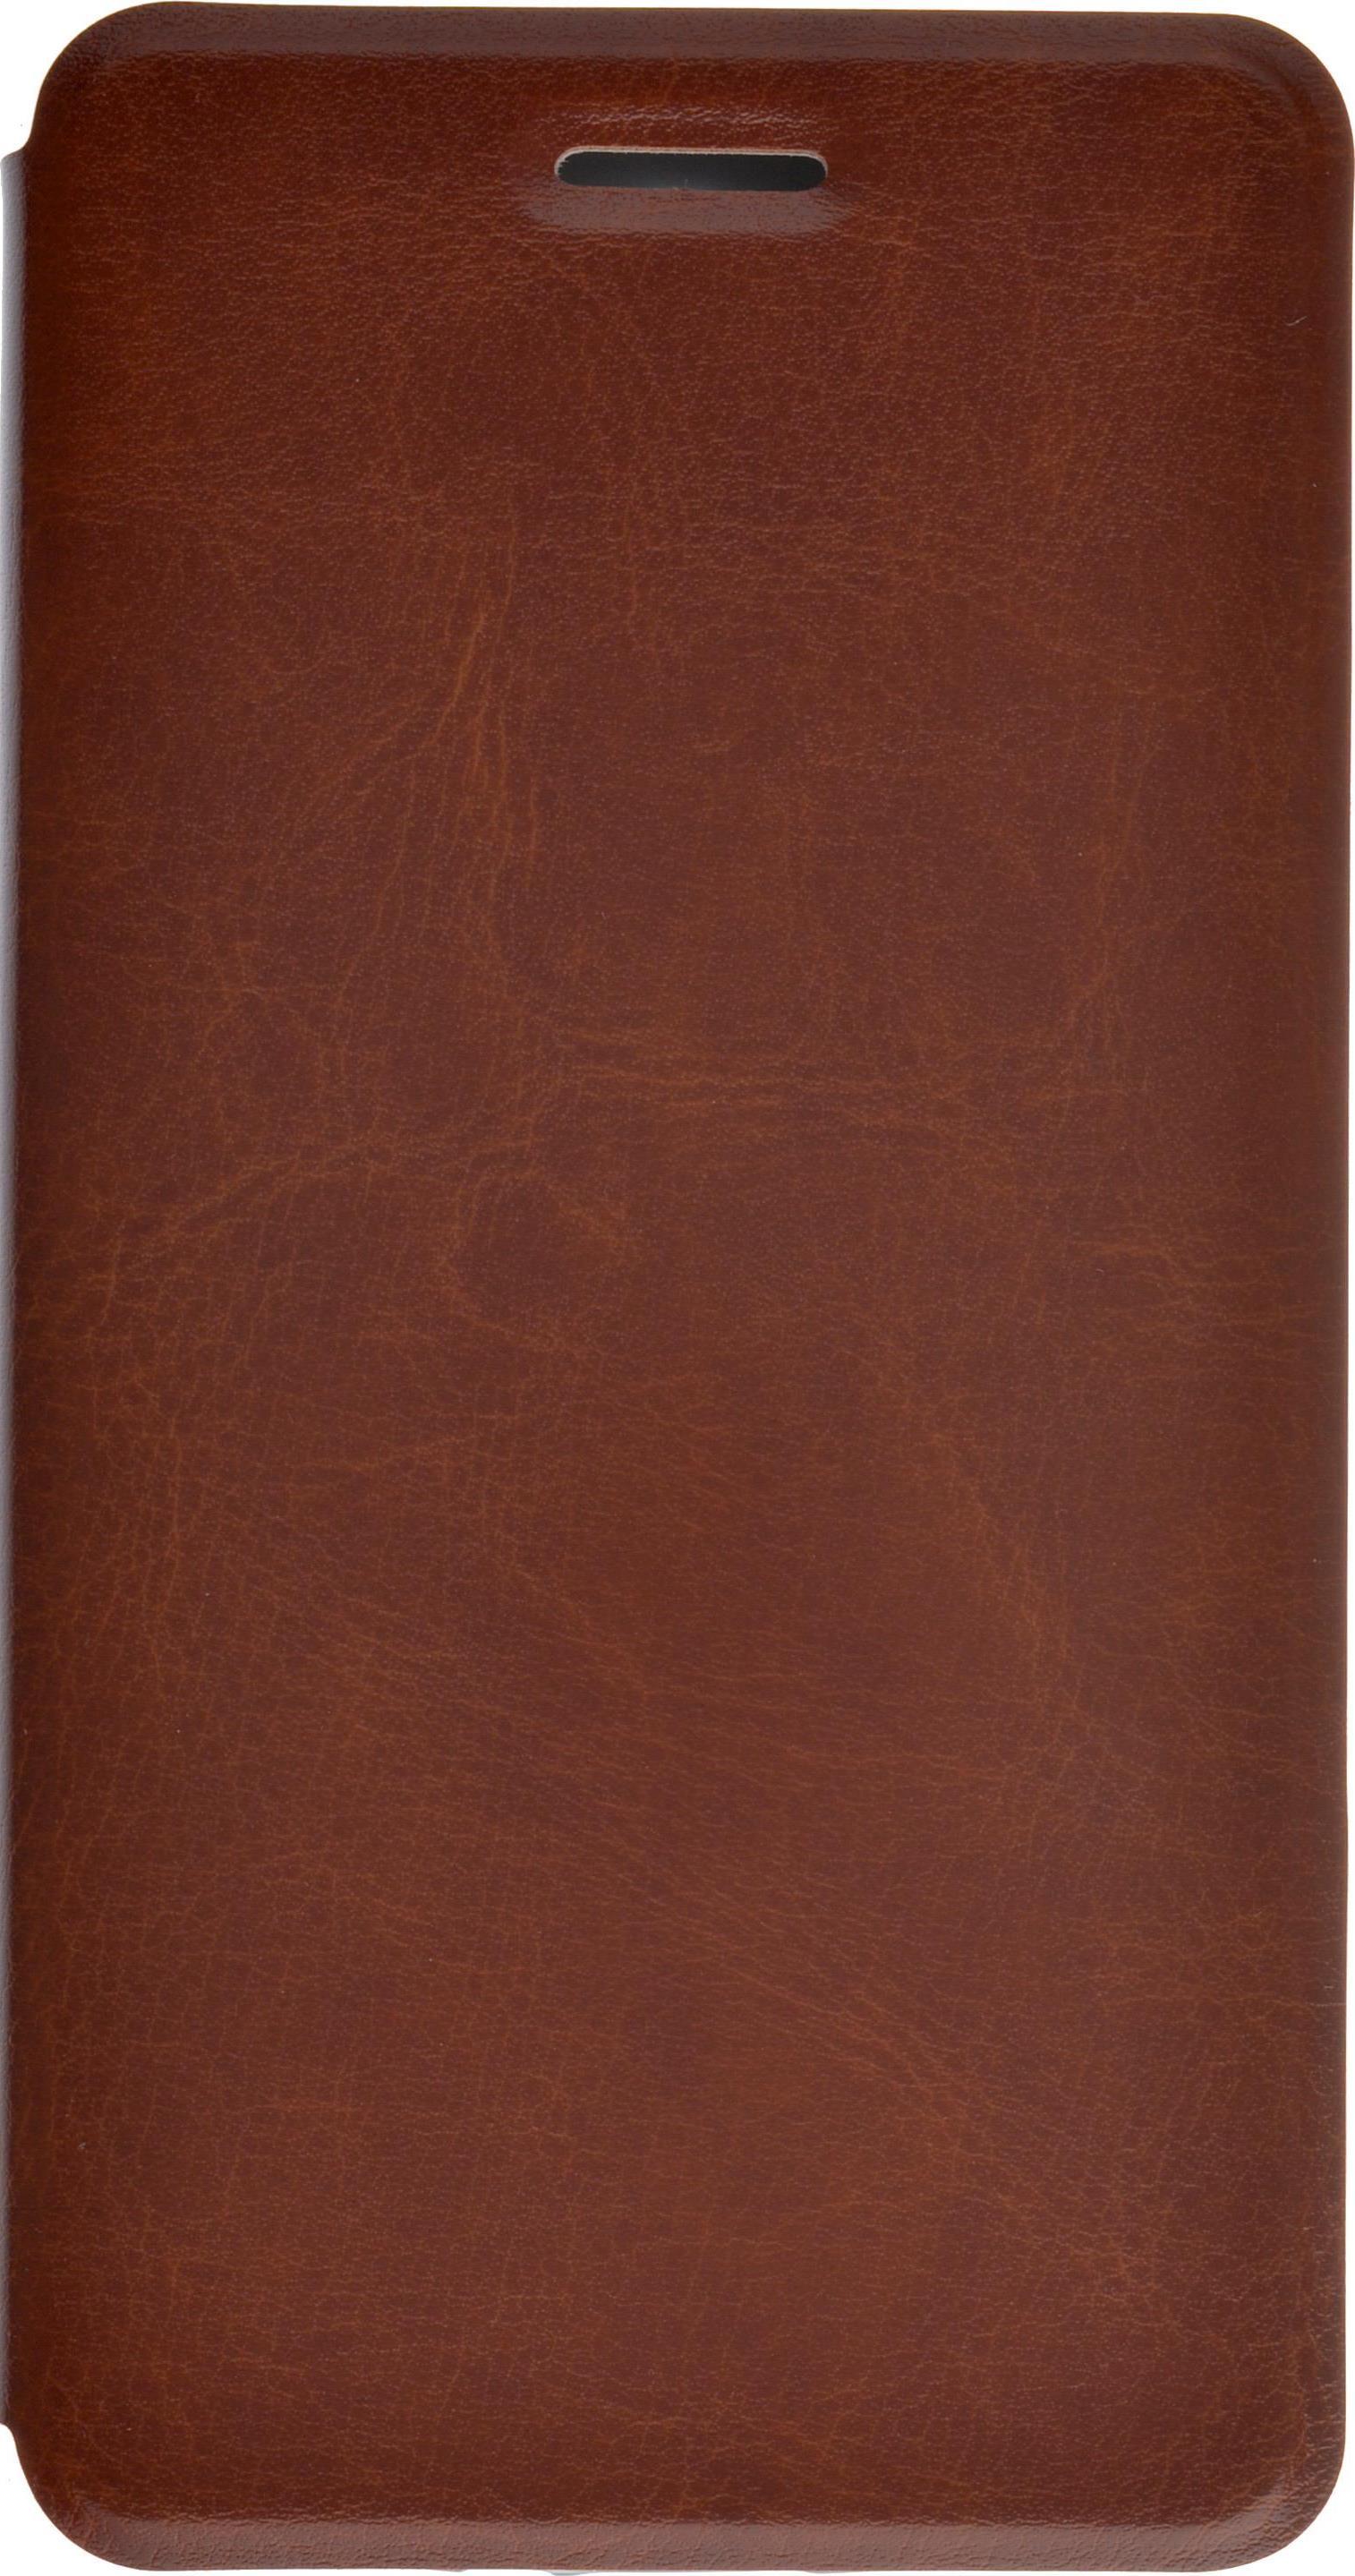 Чехол для сотового телефона skinBOX Lux, 4630042527317, коричневый